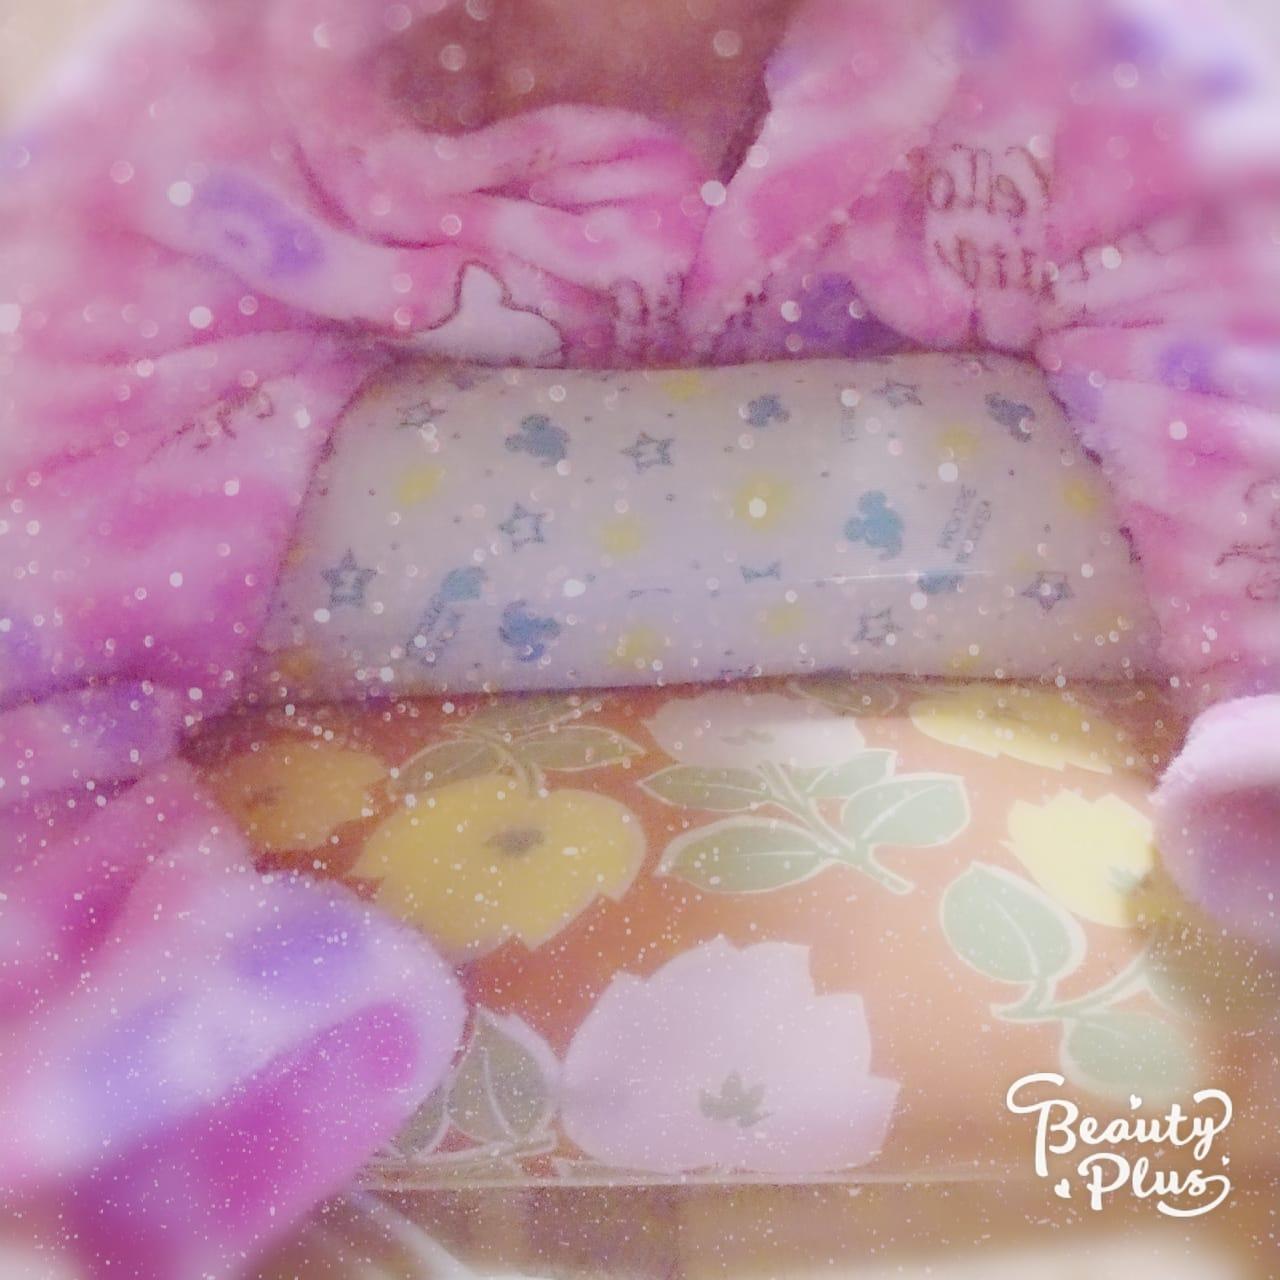 「明日出勤します」04/01(日) 22:55 | わかの写メ・風俗動画